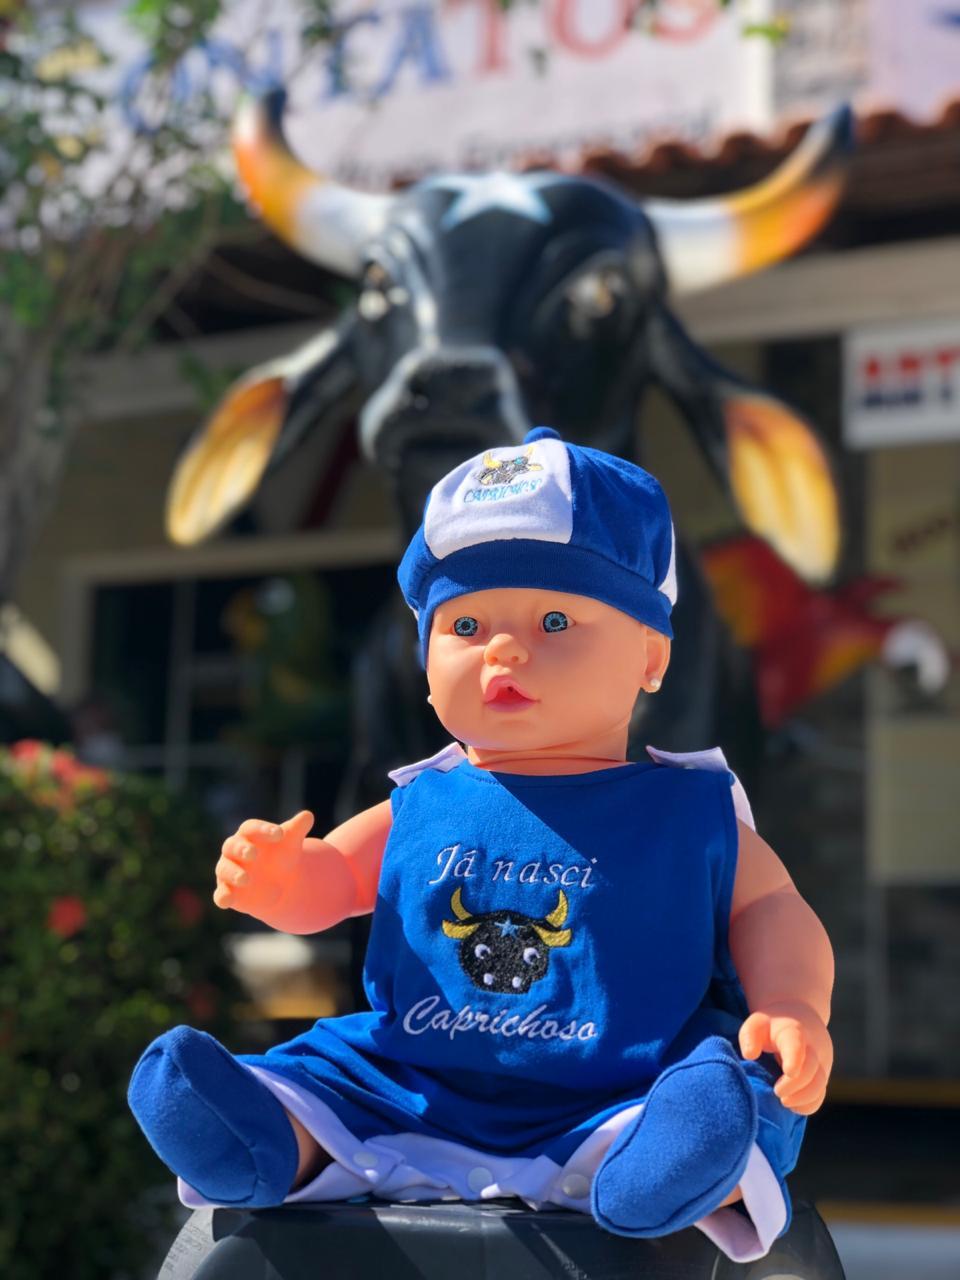 Body Baby Caprichoso - Q BOI Produtos do Festival de Parintins